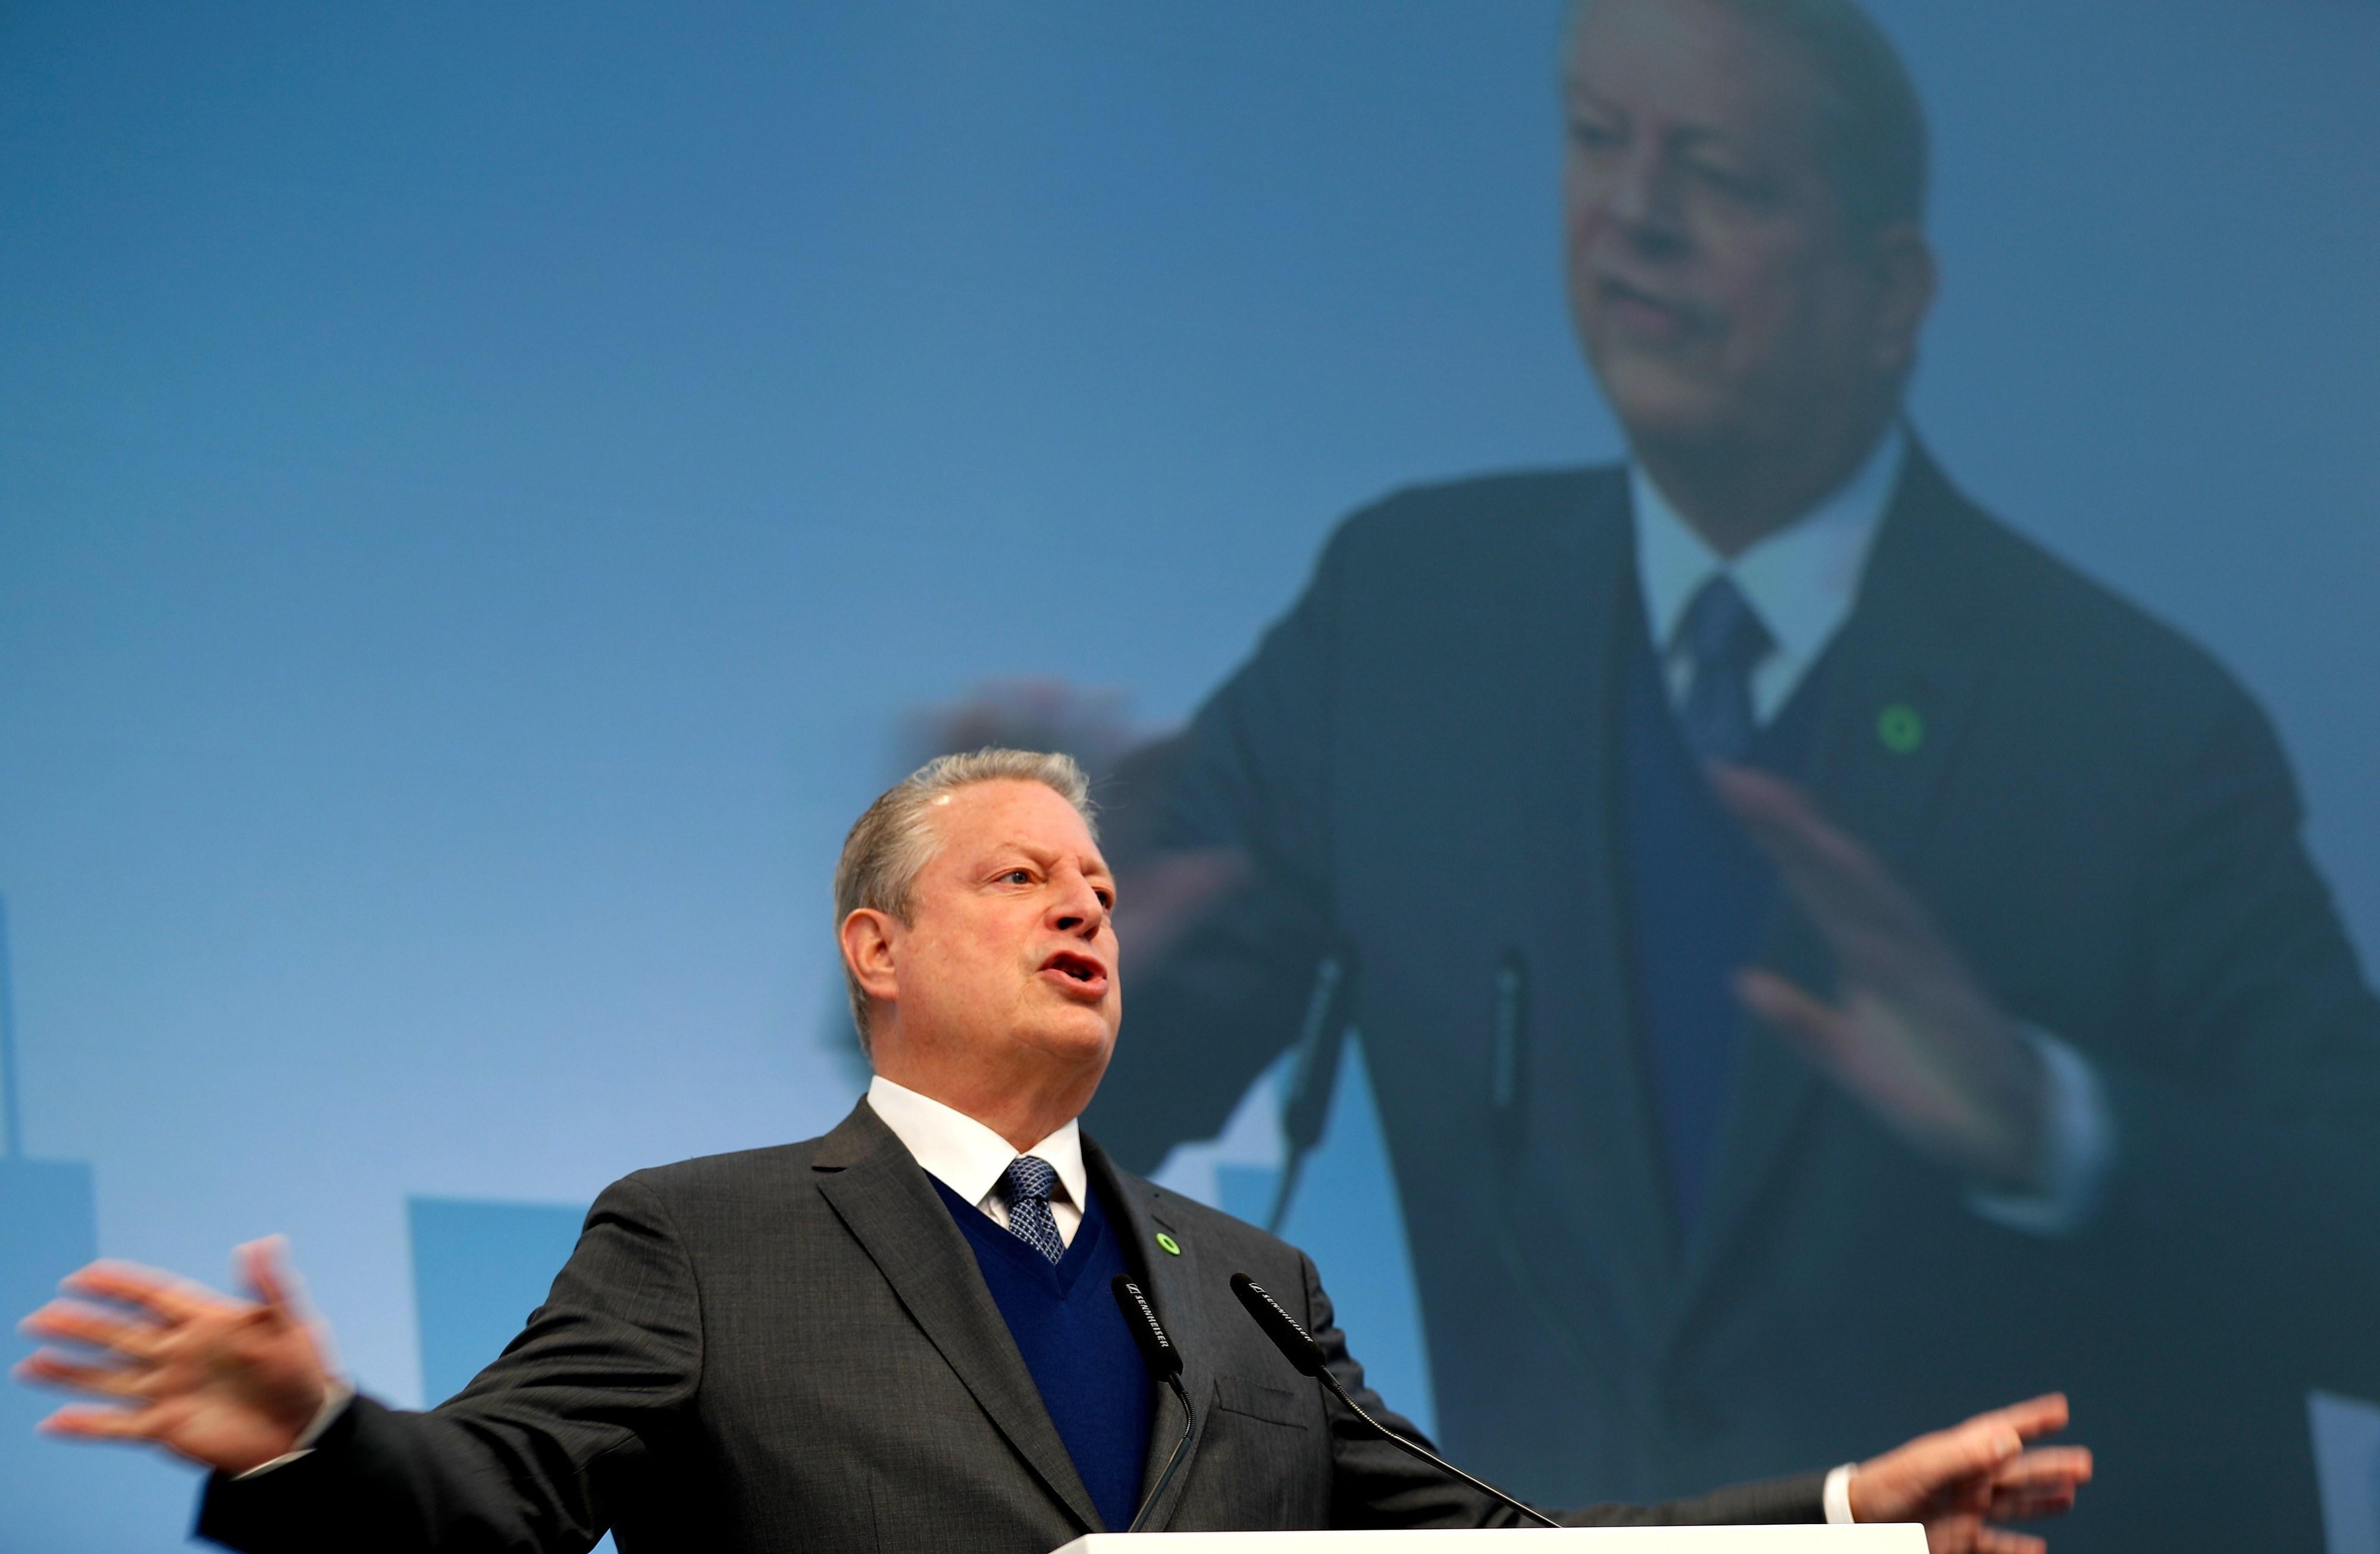 Al Gore no Porto em Março para conferência sobre impacto das alterações climáticas na indústria do vinho